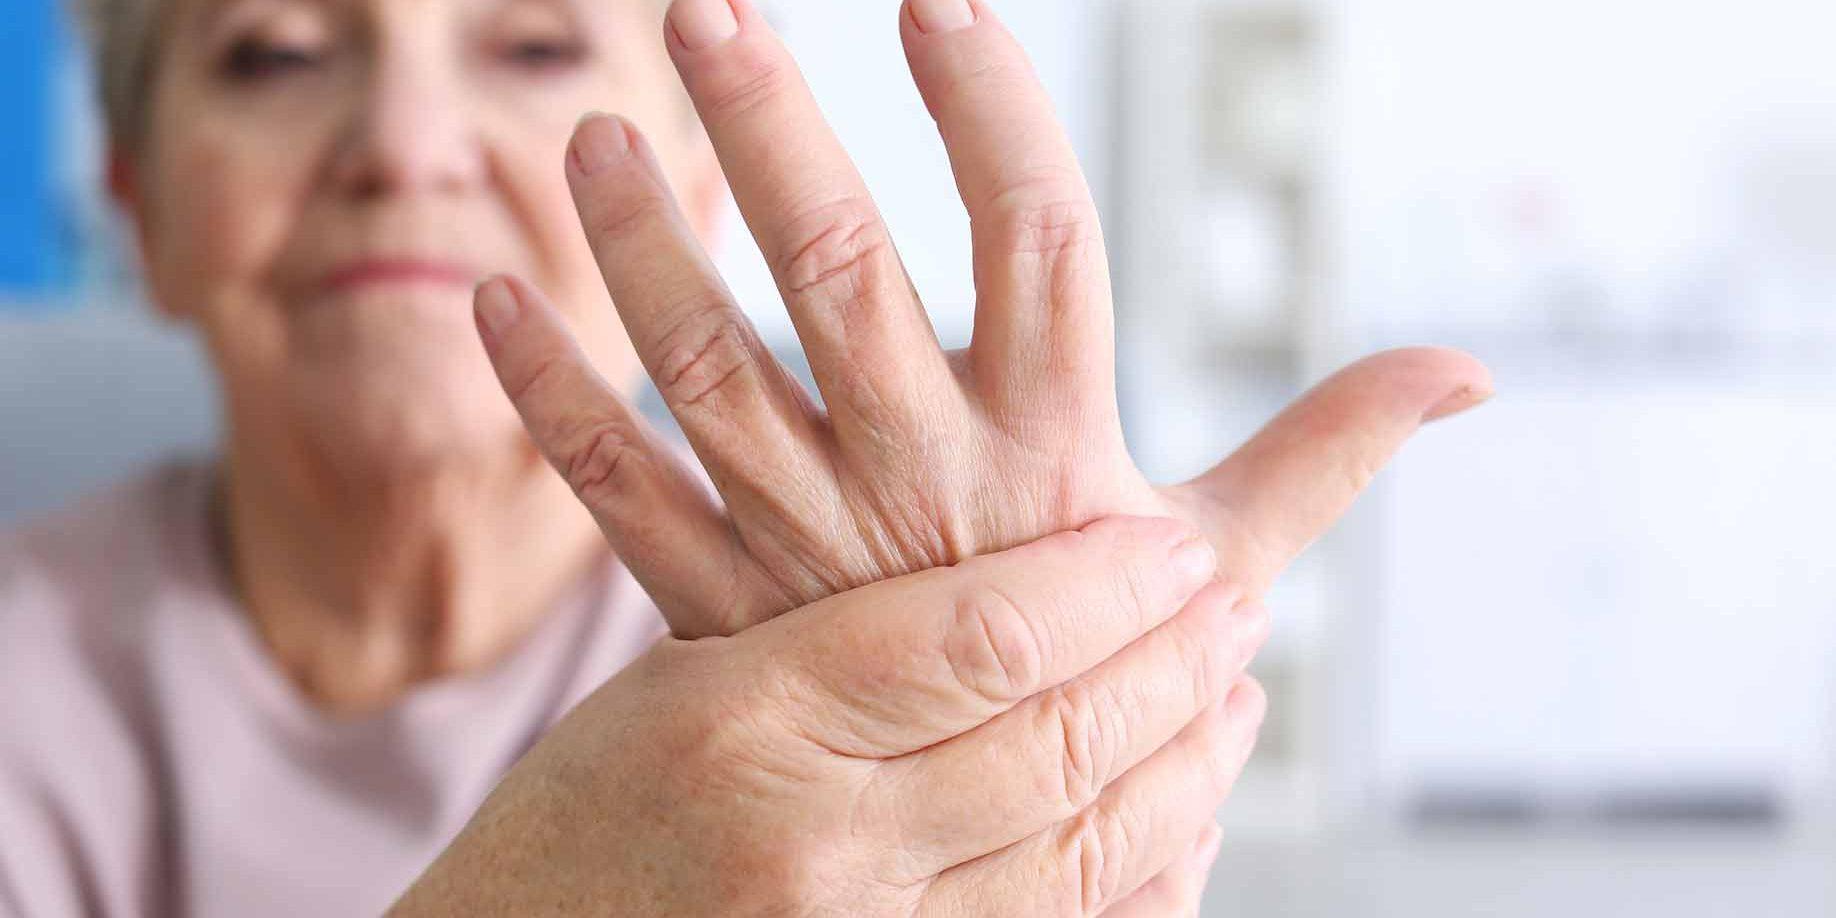 patinimas piršto sąnarių priežastis iš viso silpnumas galvos skausmas skausmas sąnarių skausmas